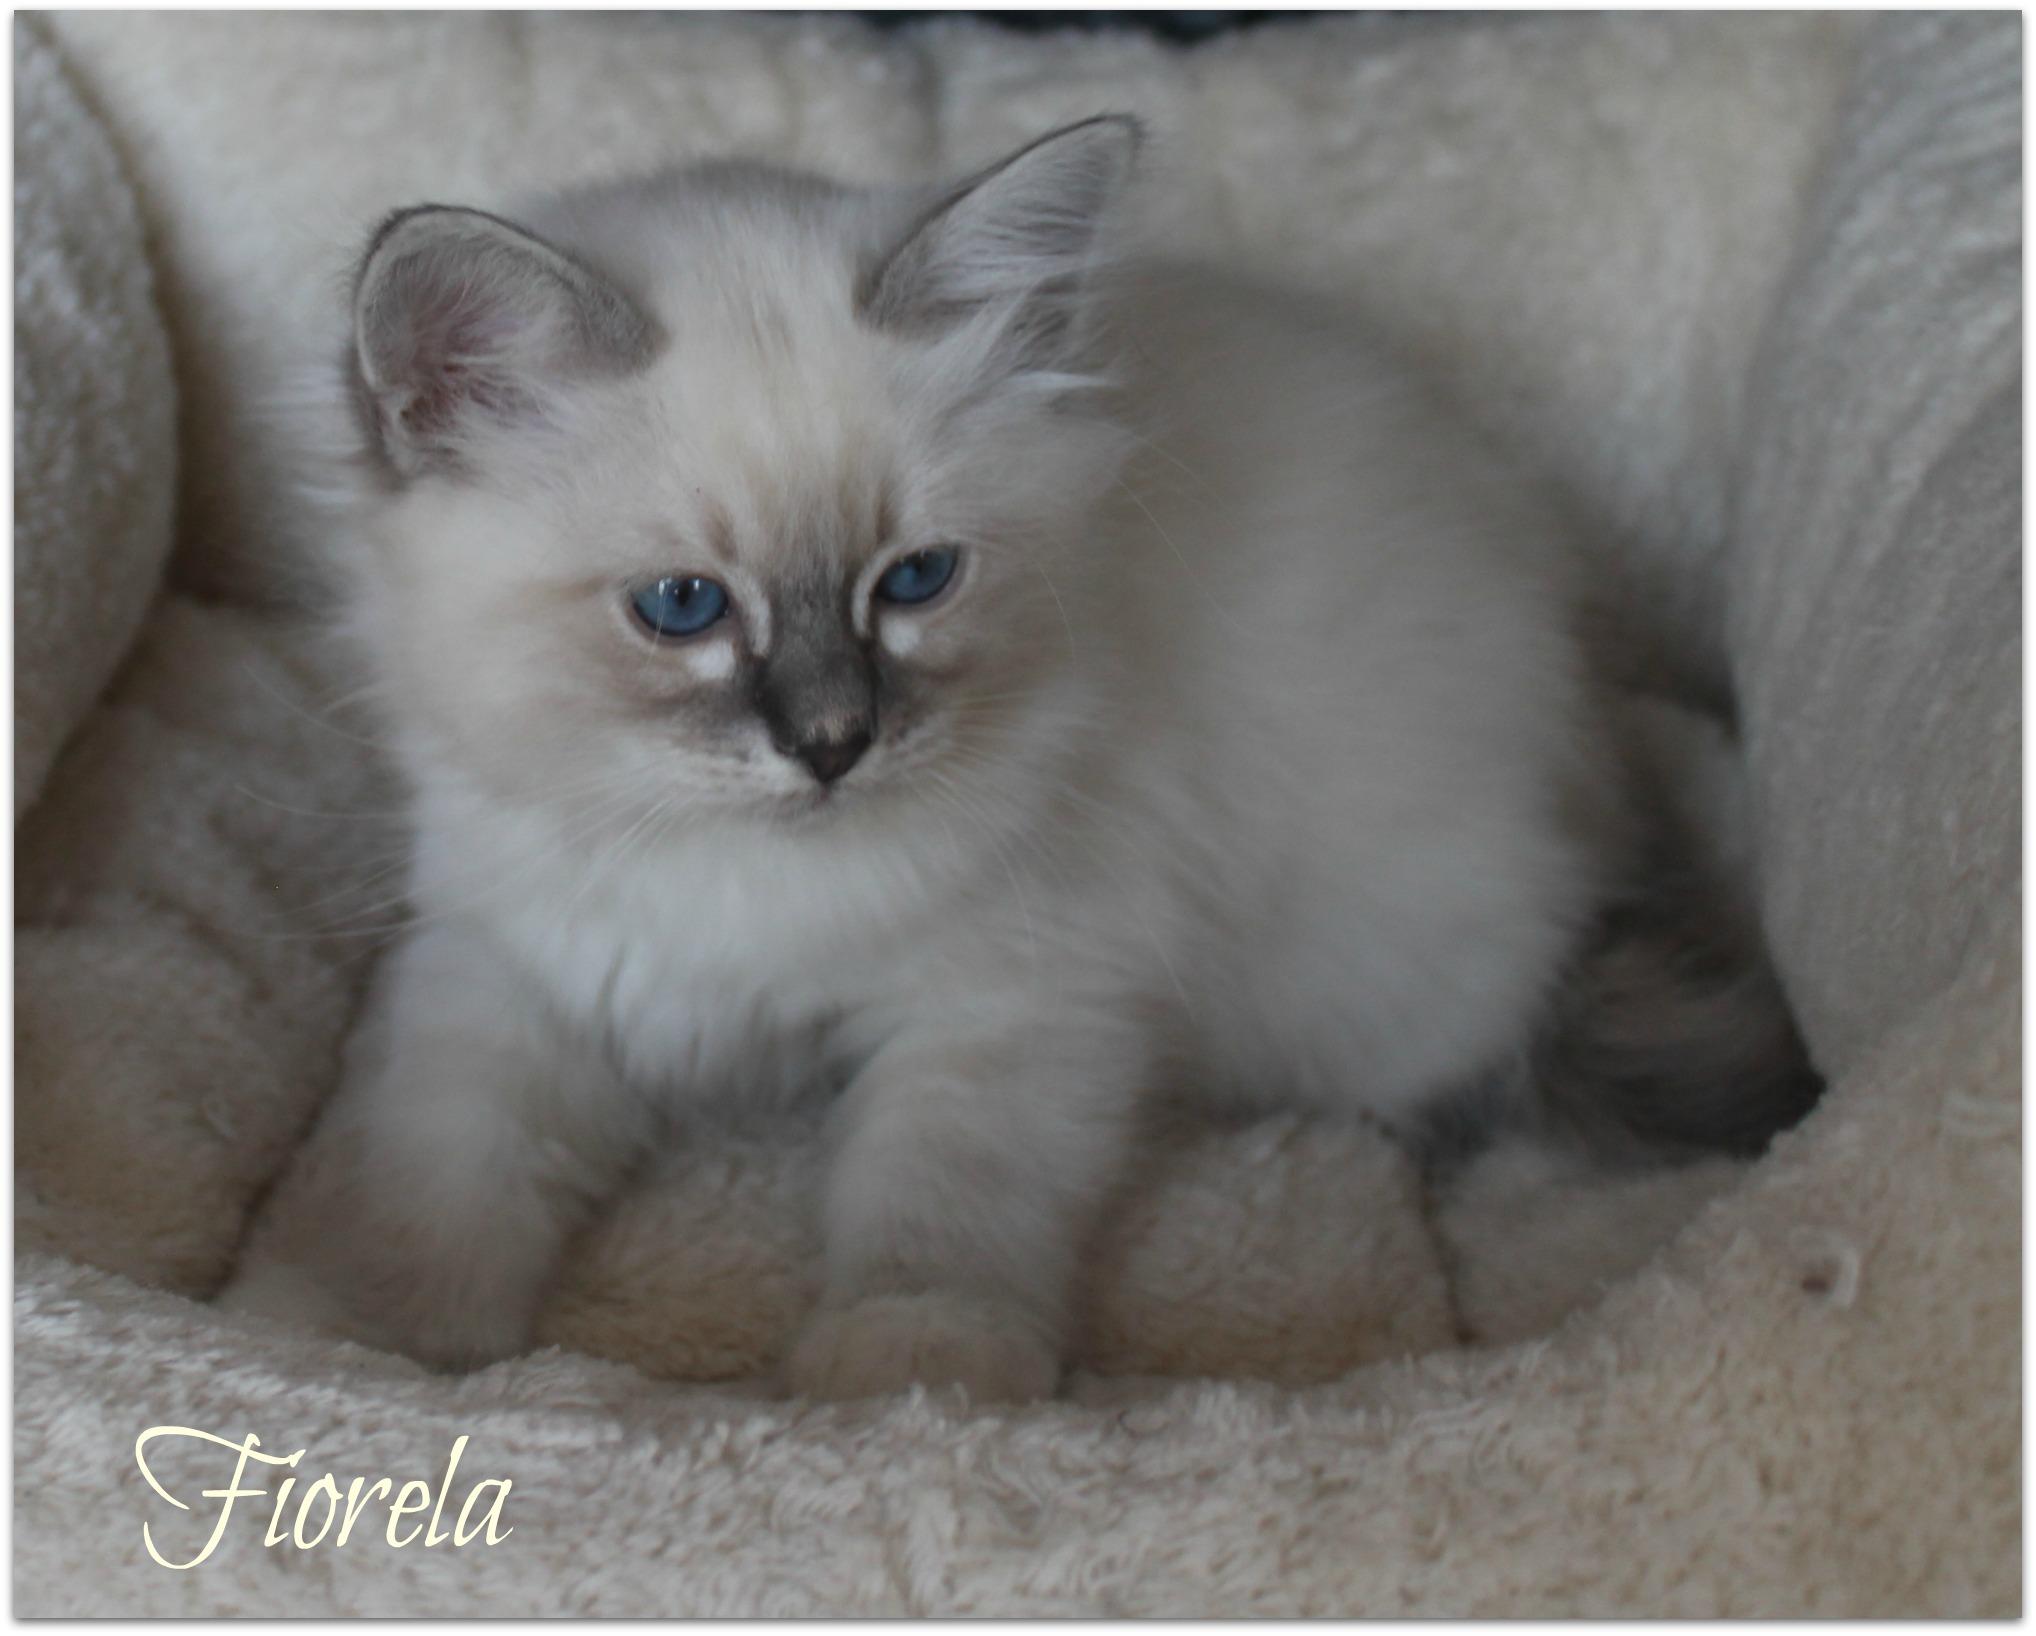 fiorela3